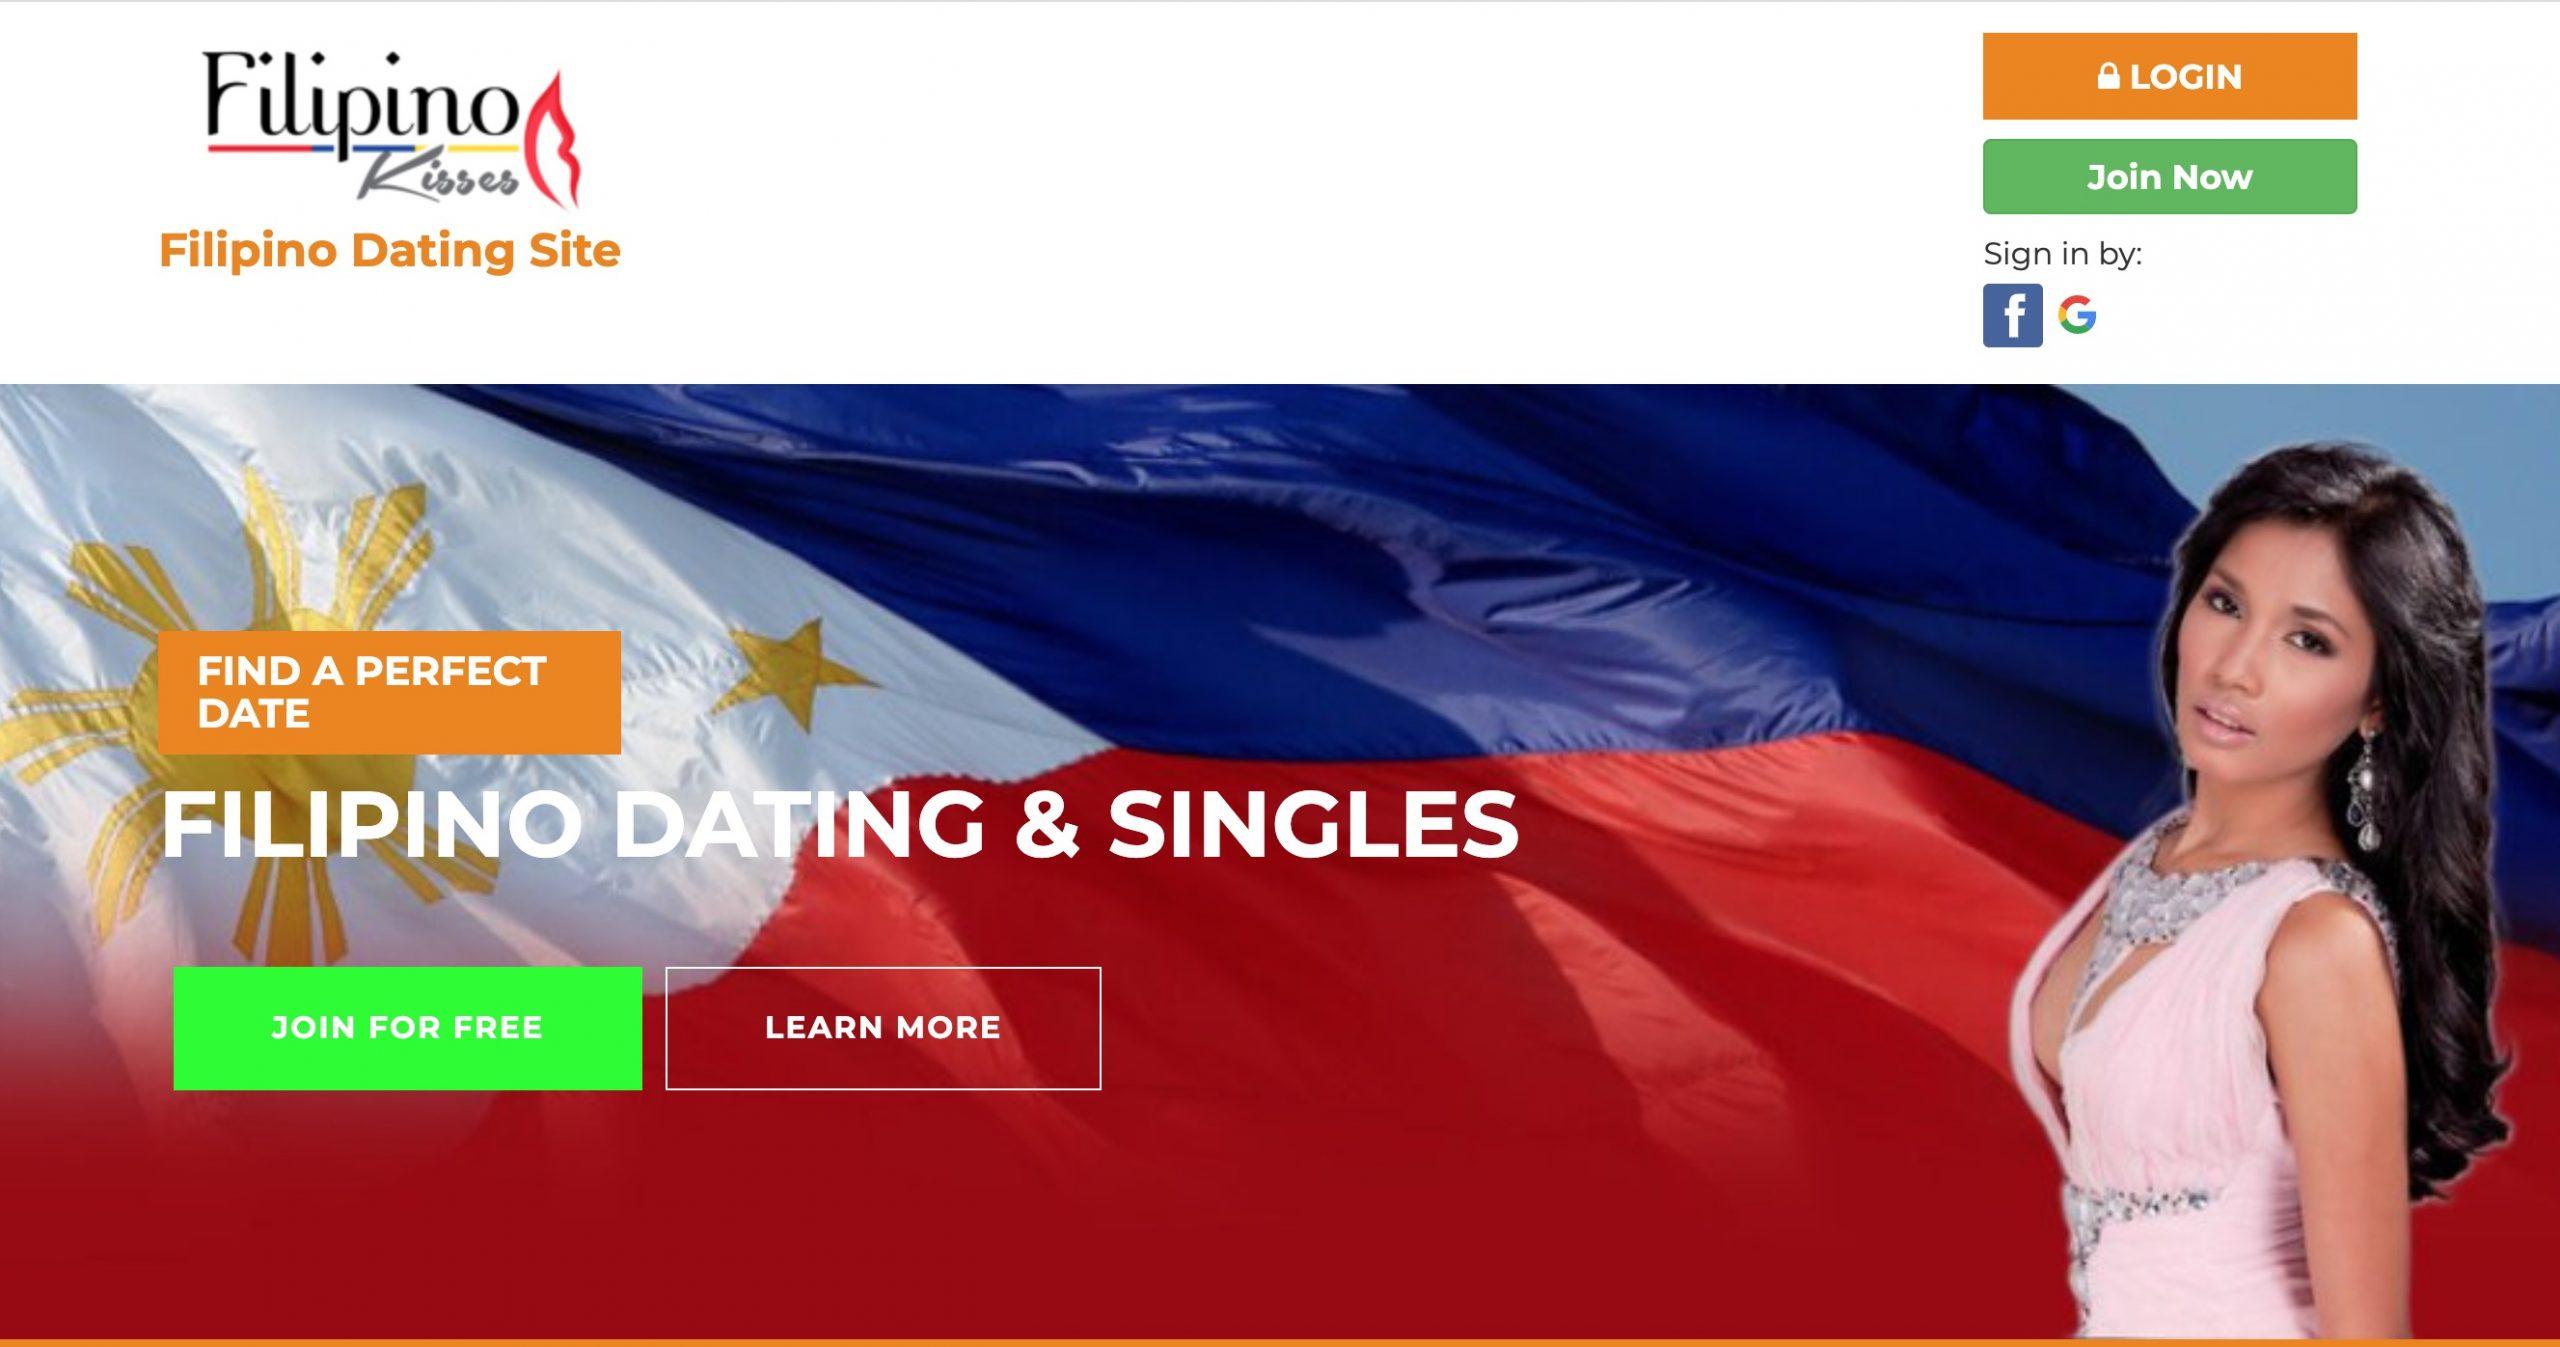 FilipinoKisses main page